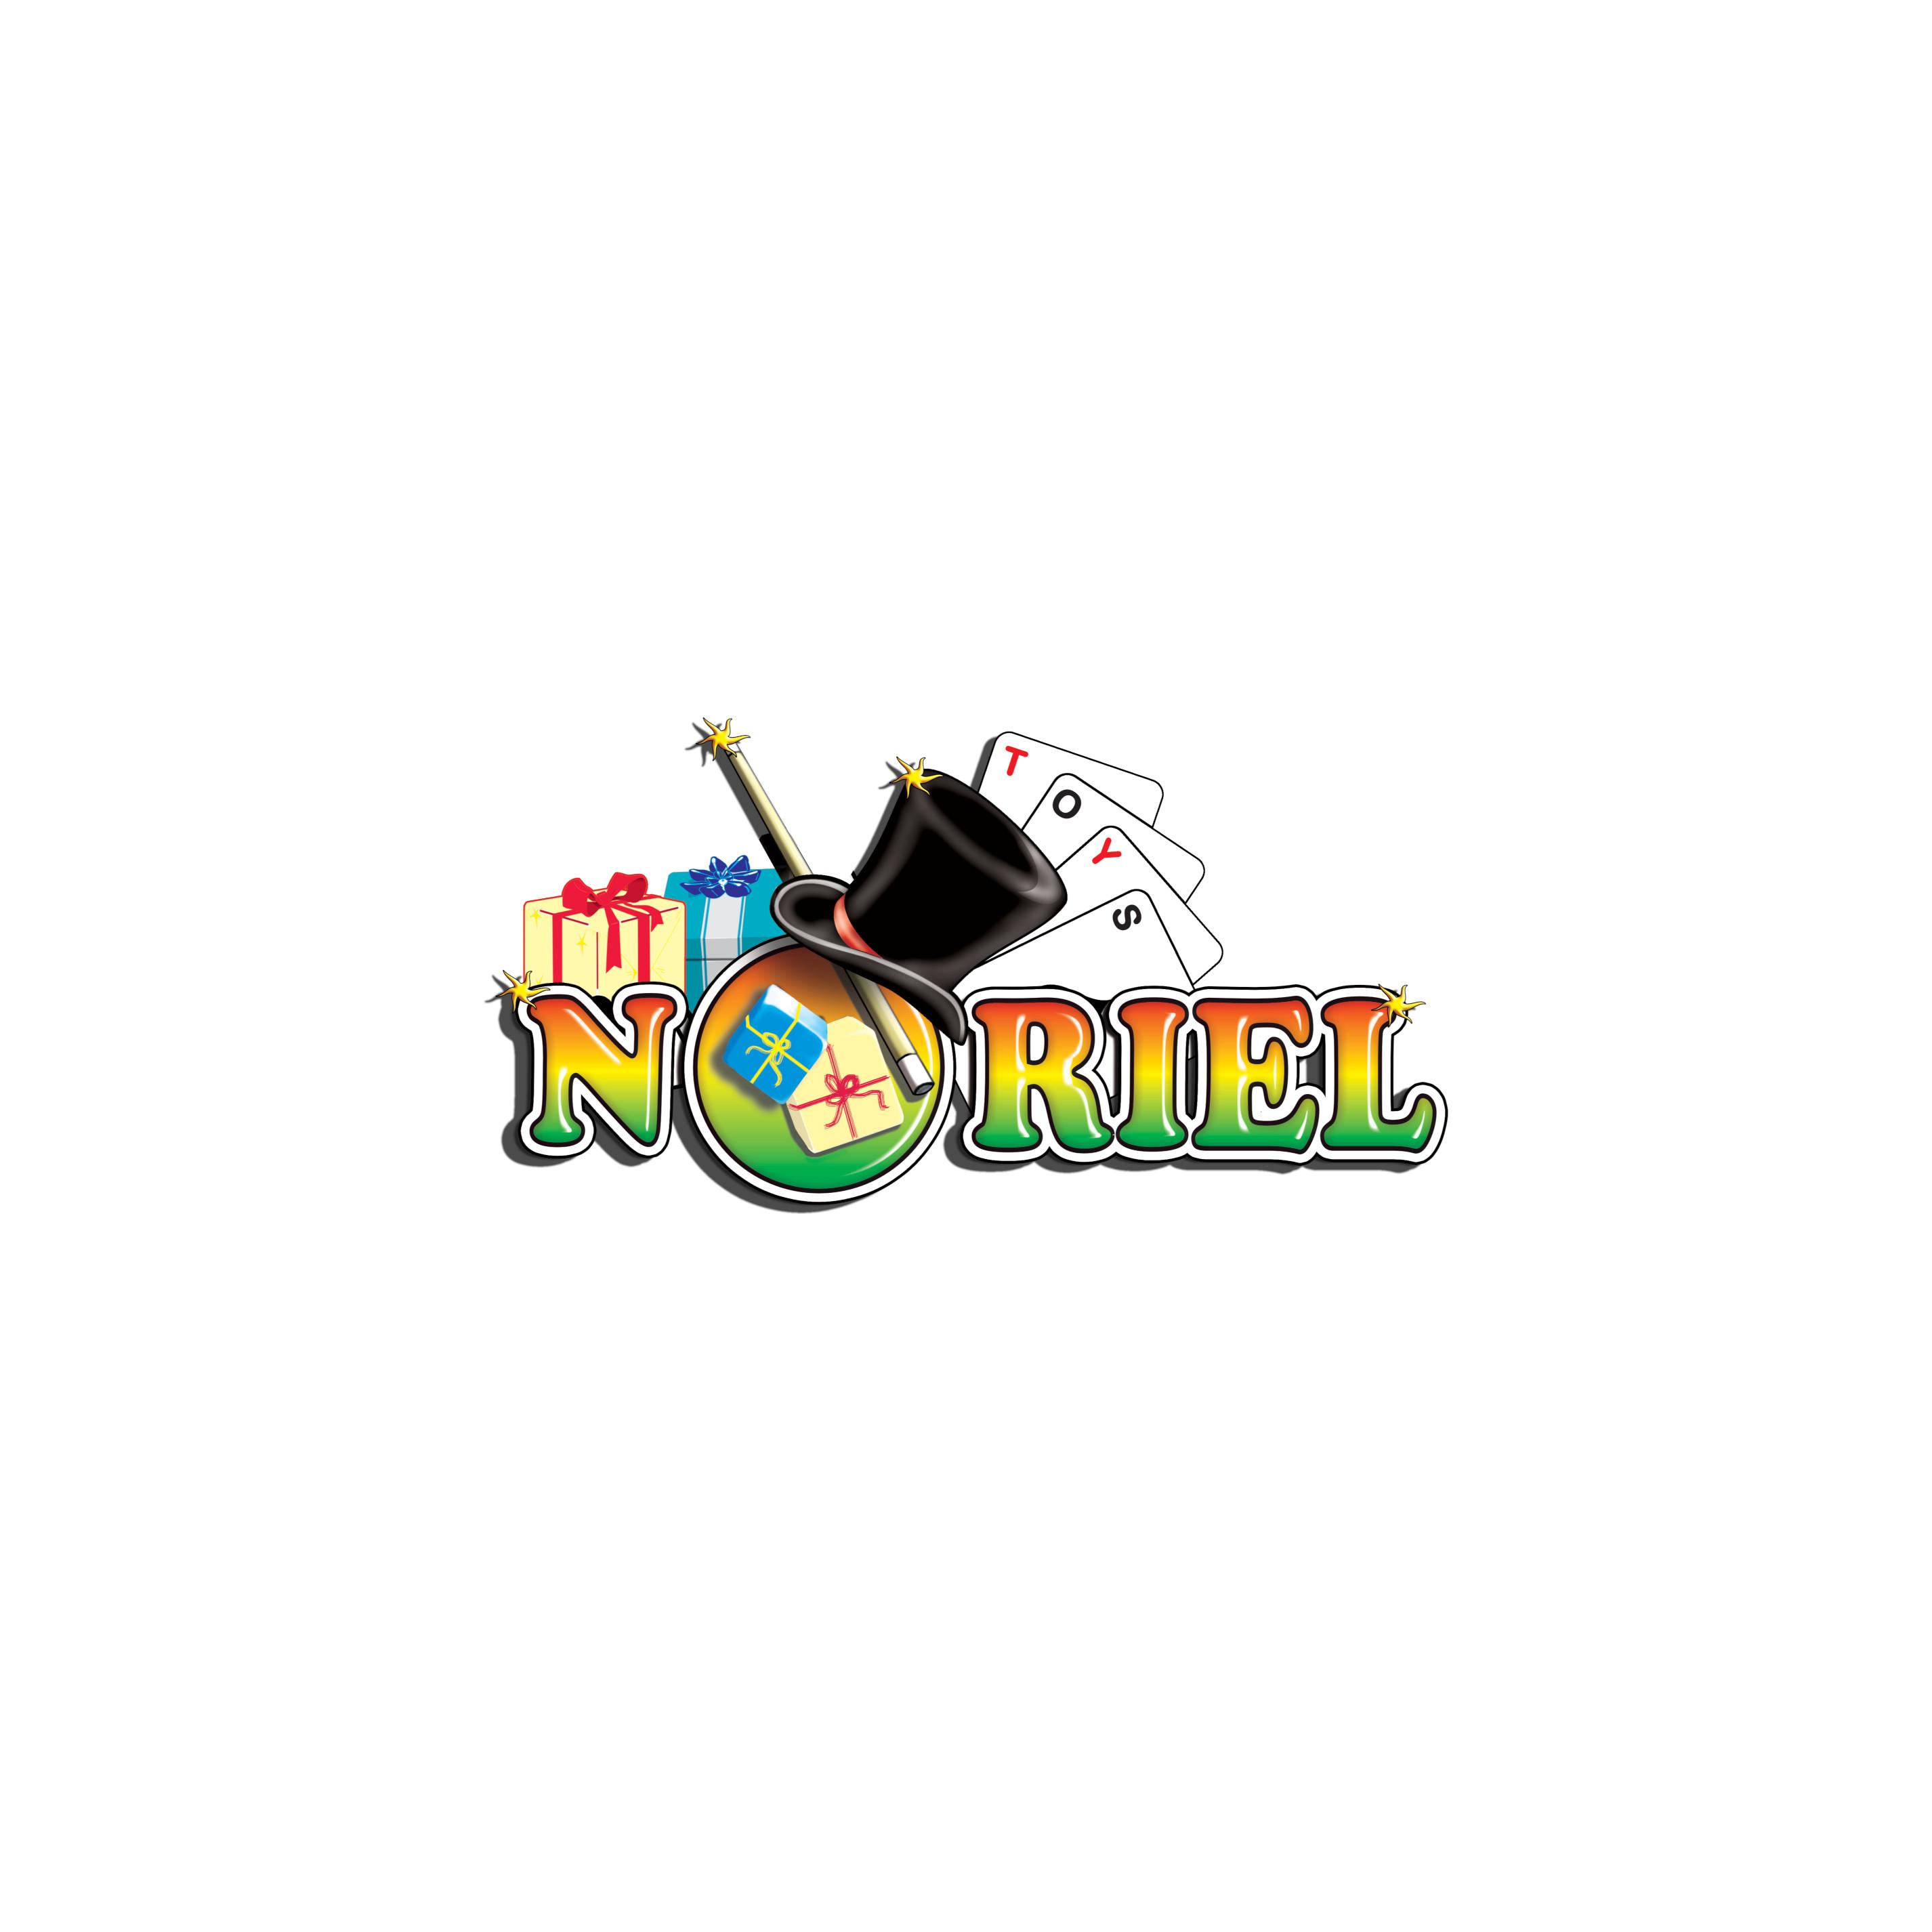 Casuta de joaca pentru copii Dohany  L5075_12